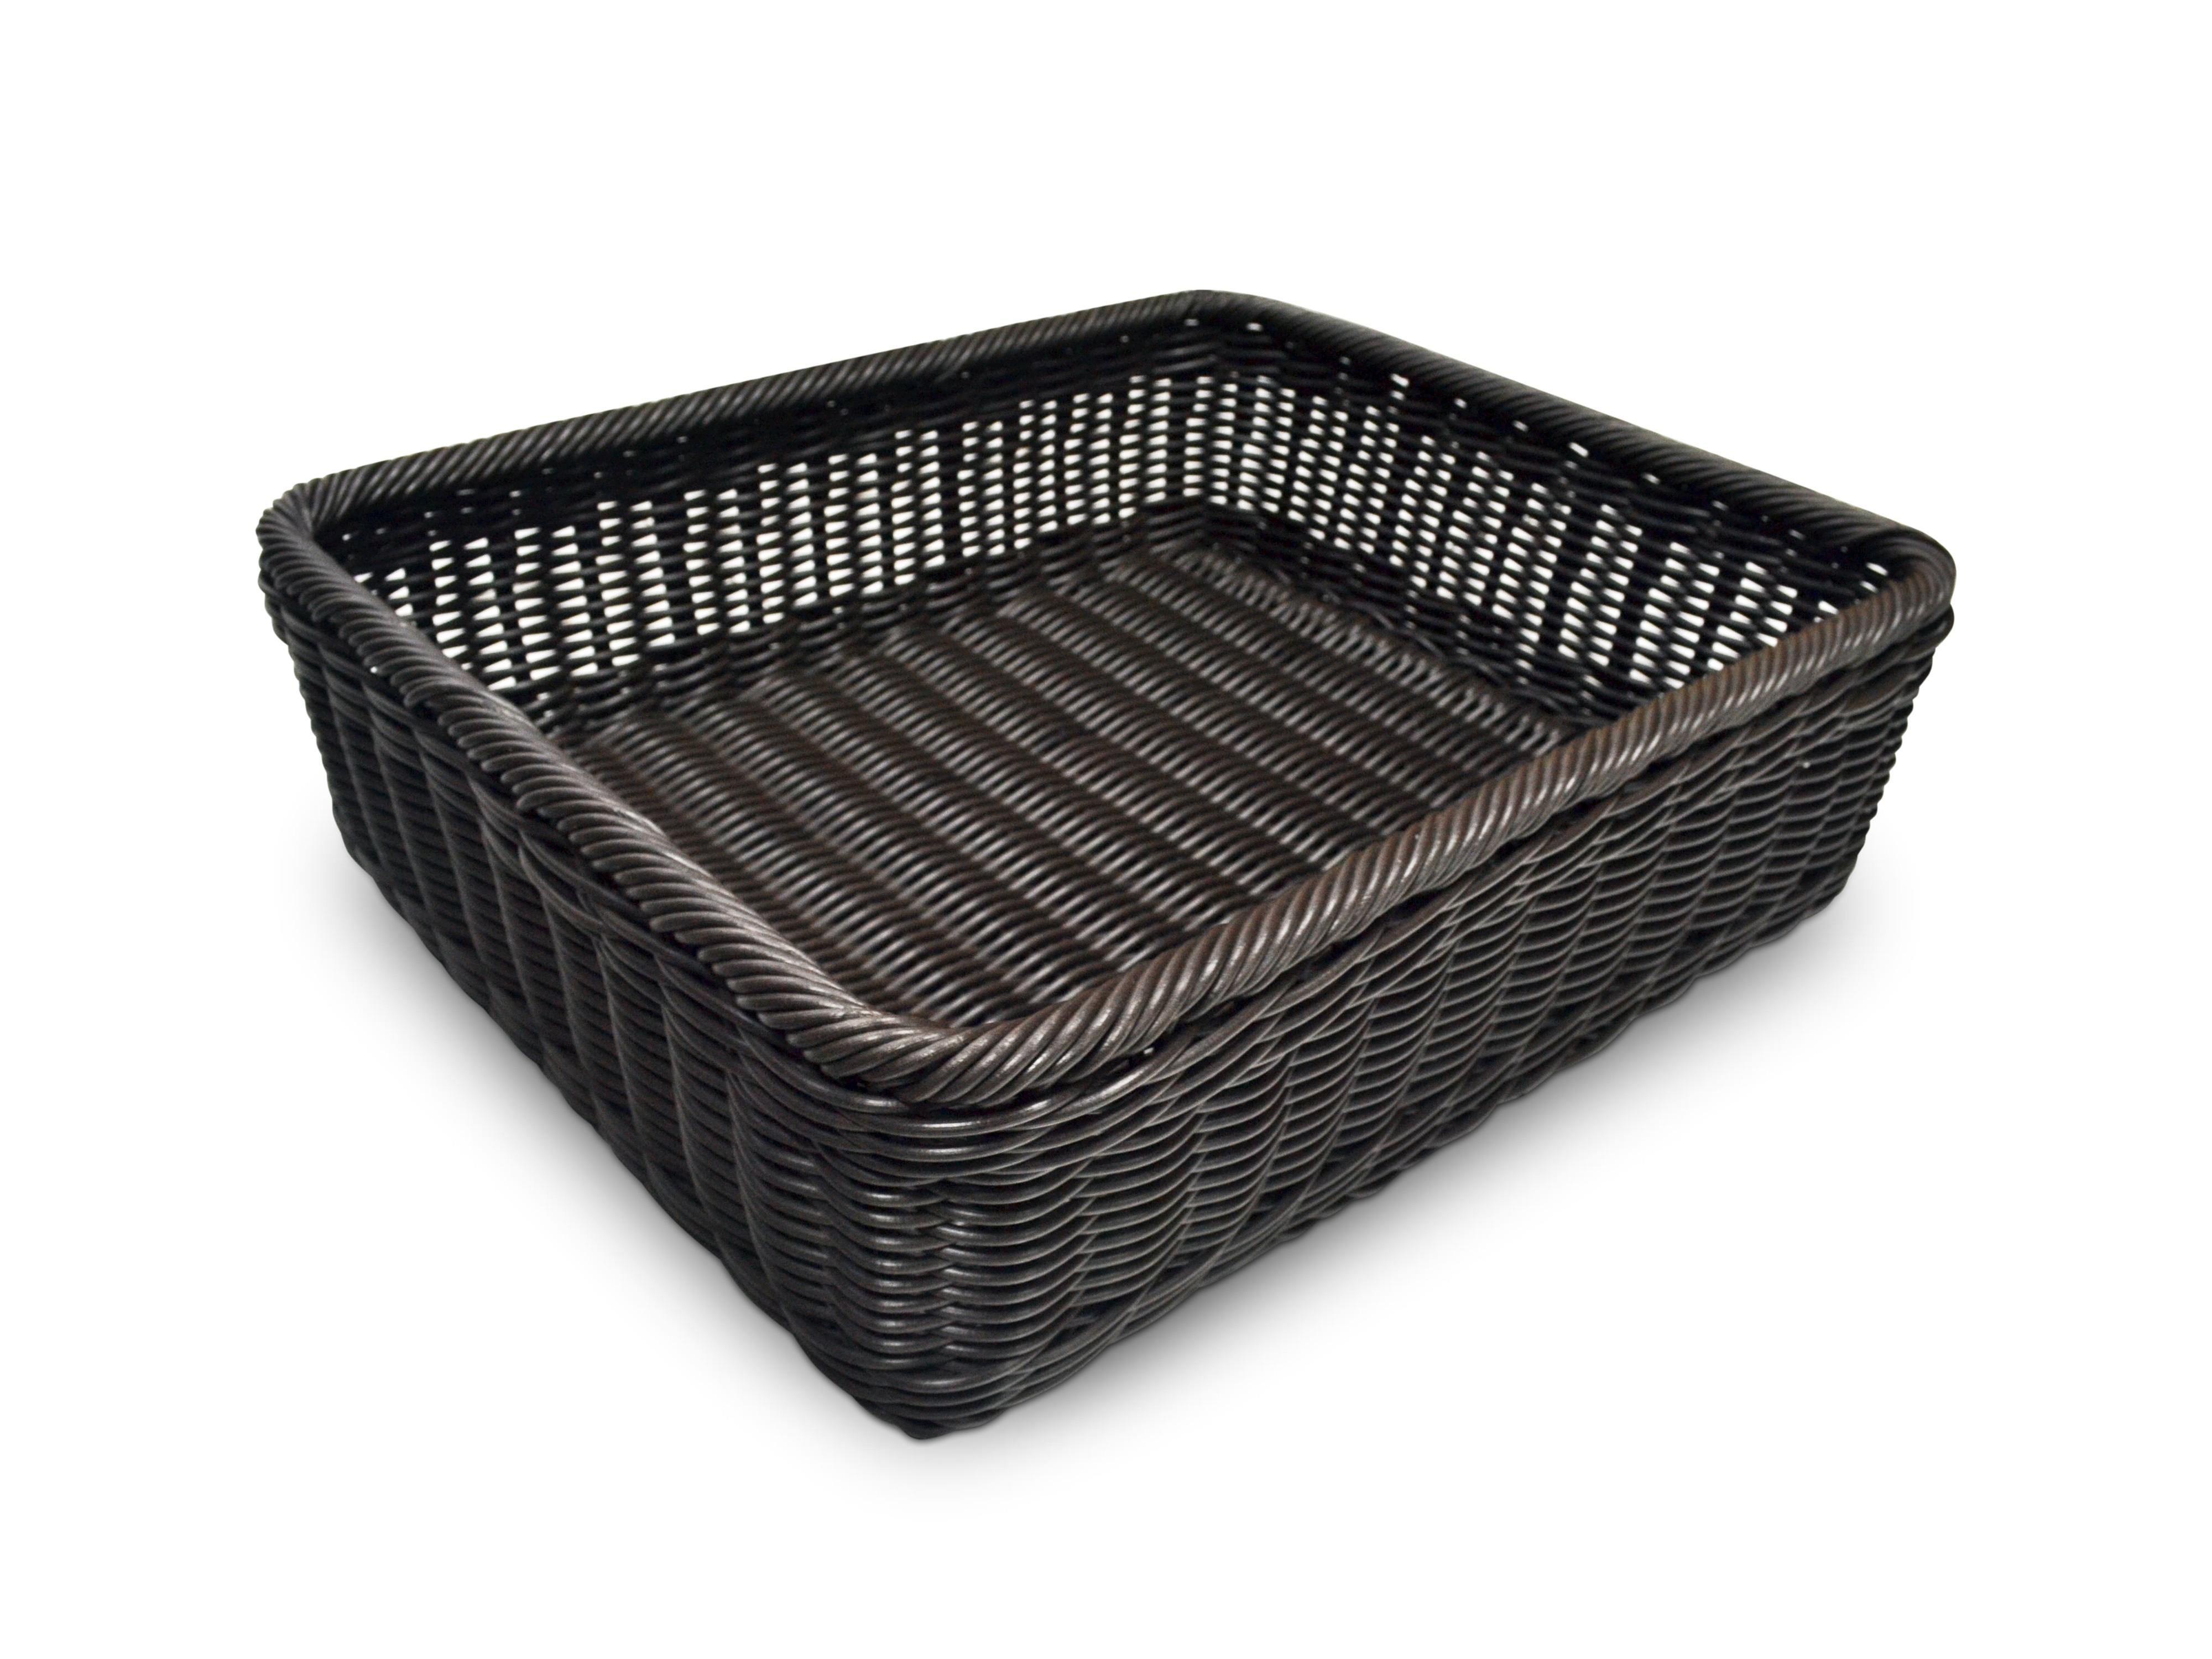 Benin Basket